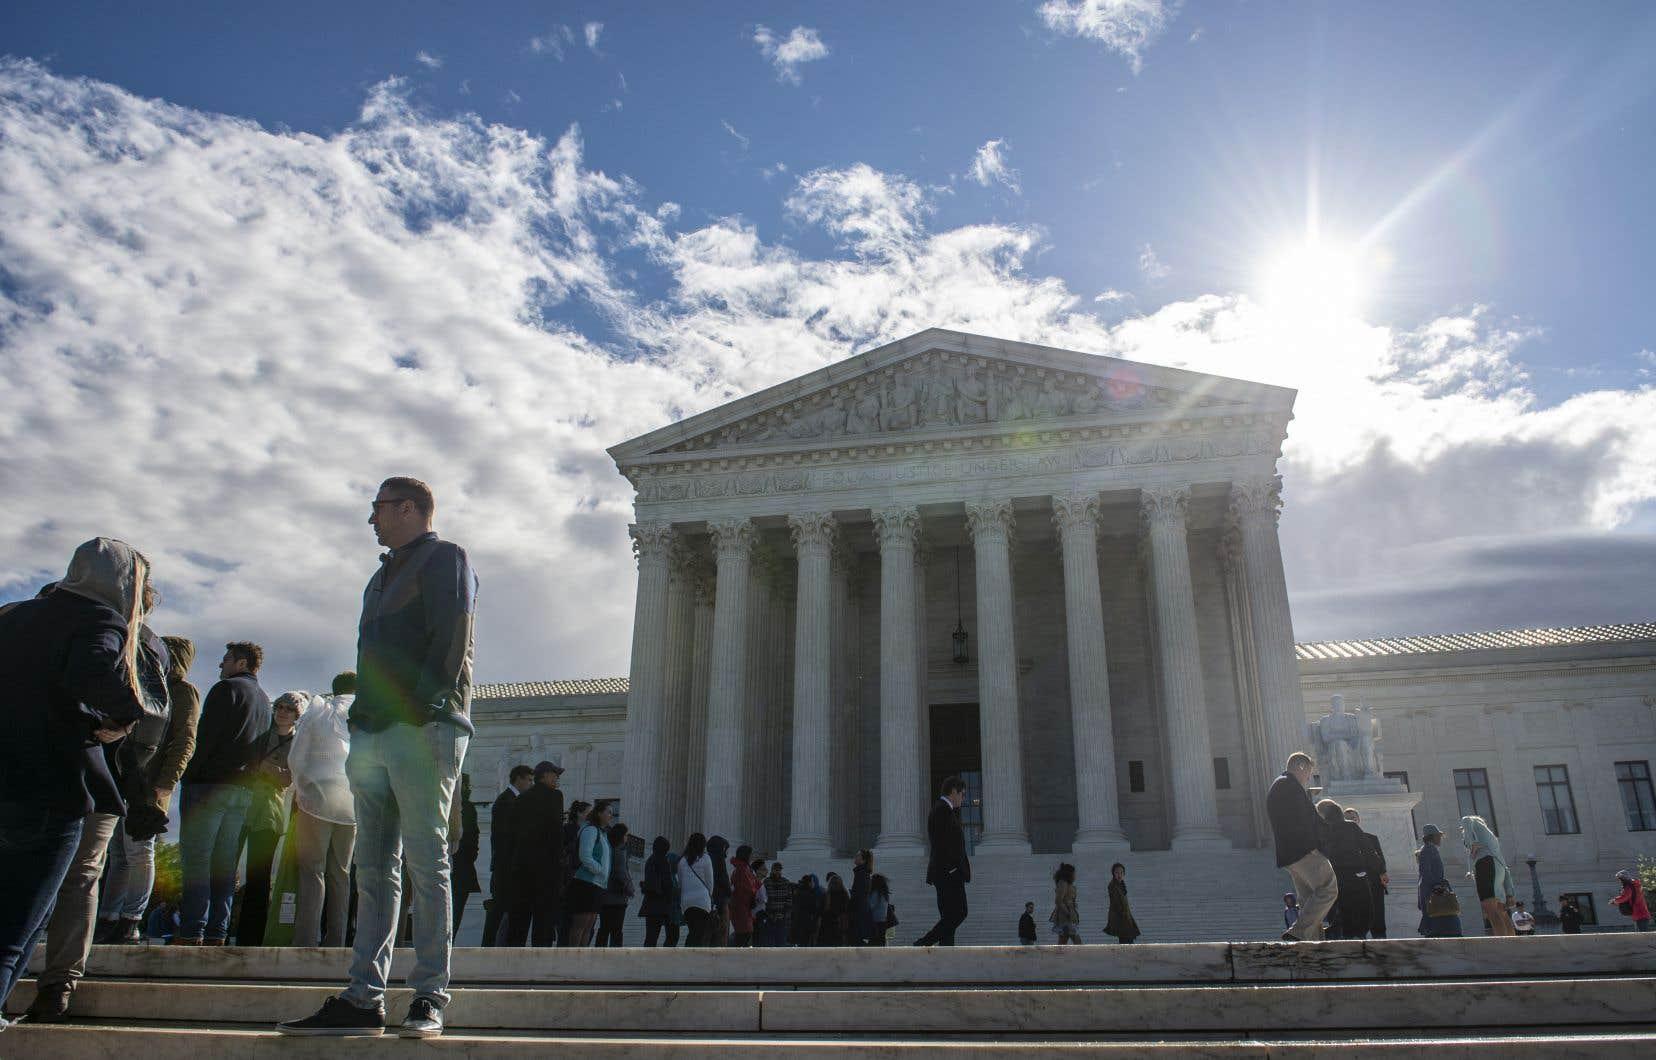 Le plus haut tribunal américain a retenu trois dossiers de licenciements contestés, concernant deux homosexuels et une femme transgenre, qui seront examinés à l'automne pour une décision en 2020.